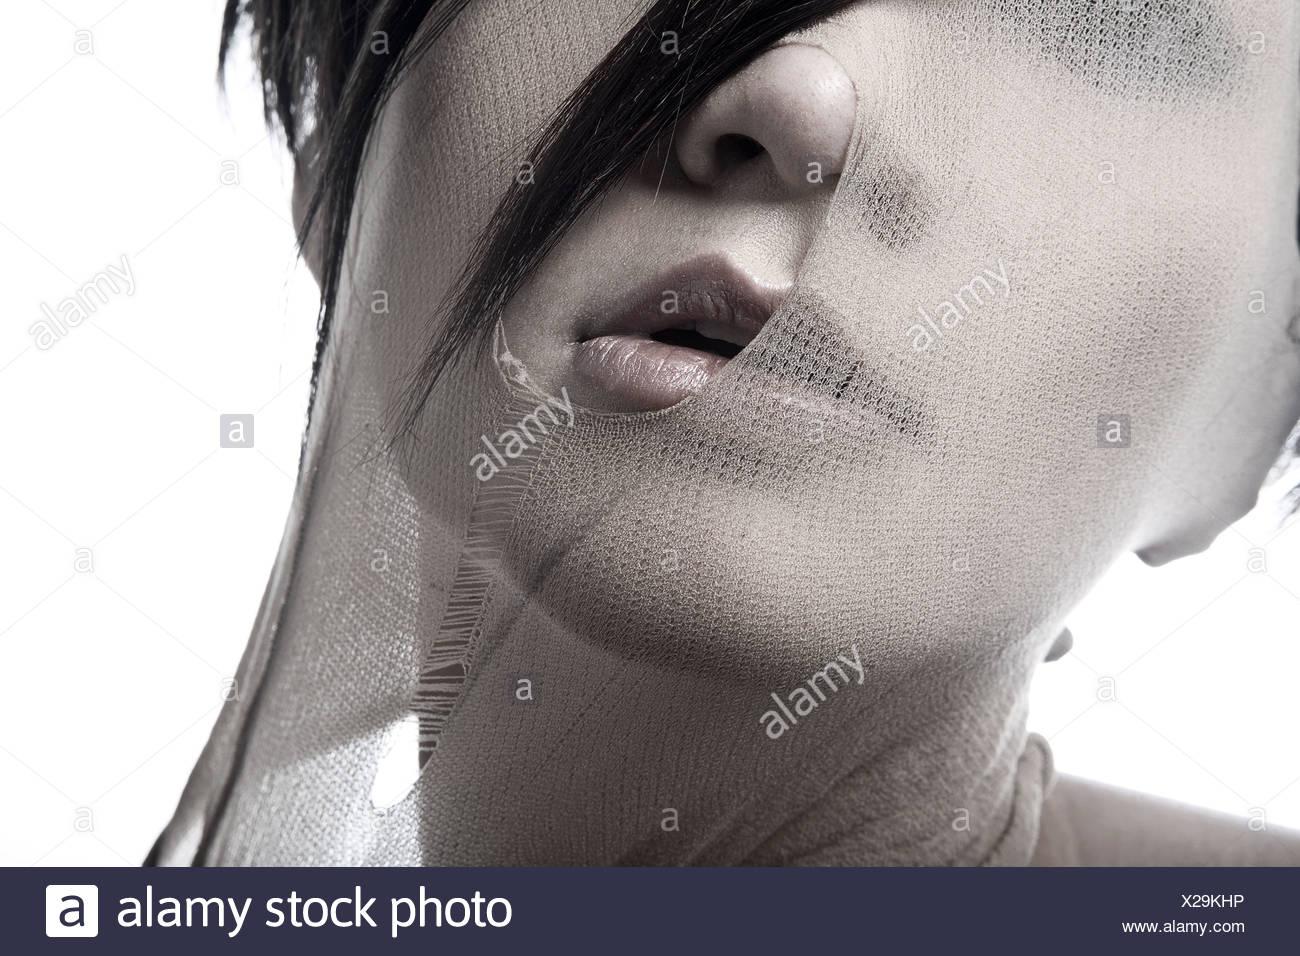 Ann dunham nude photos